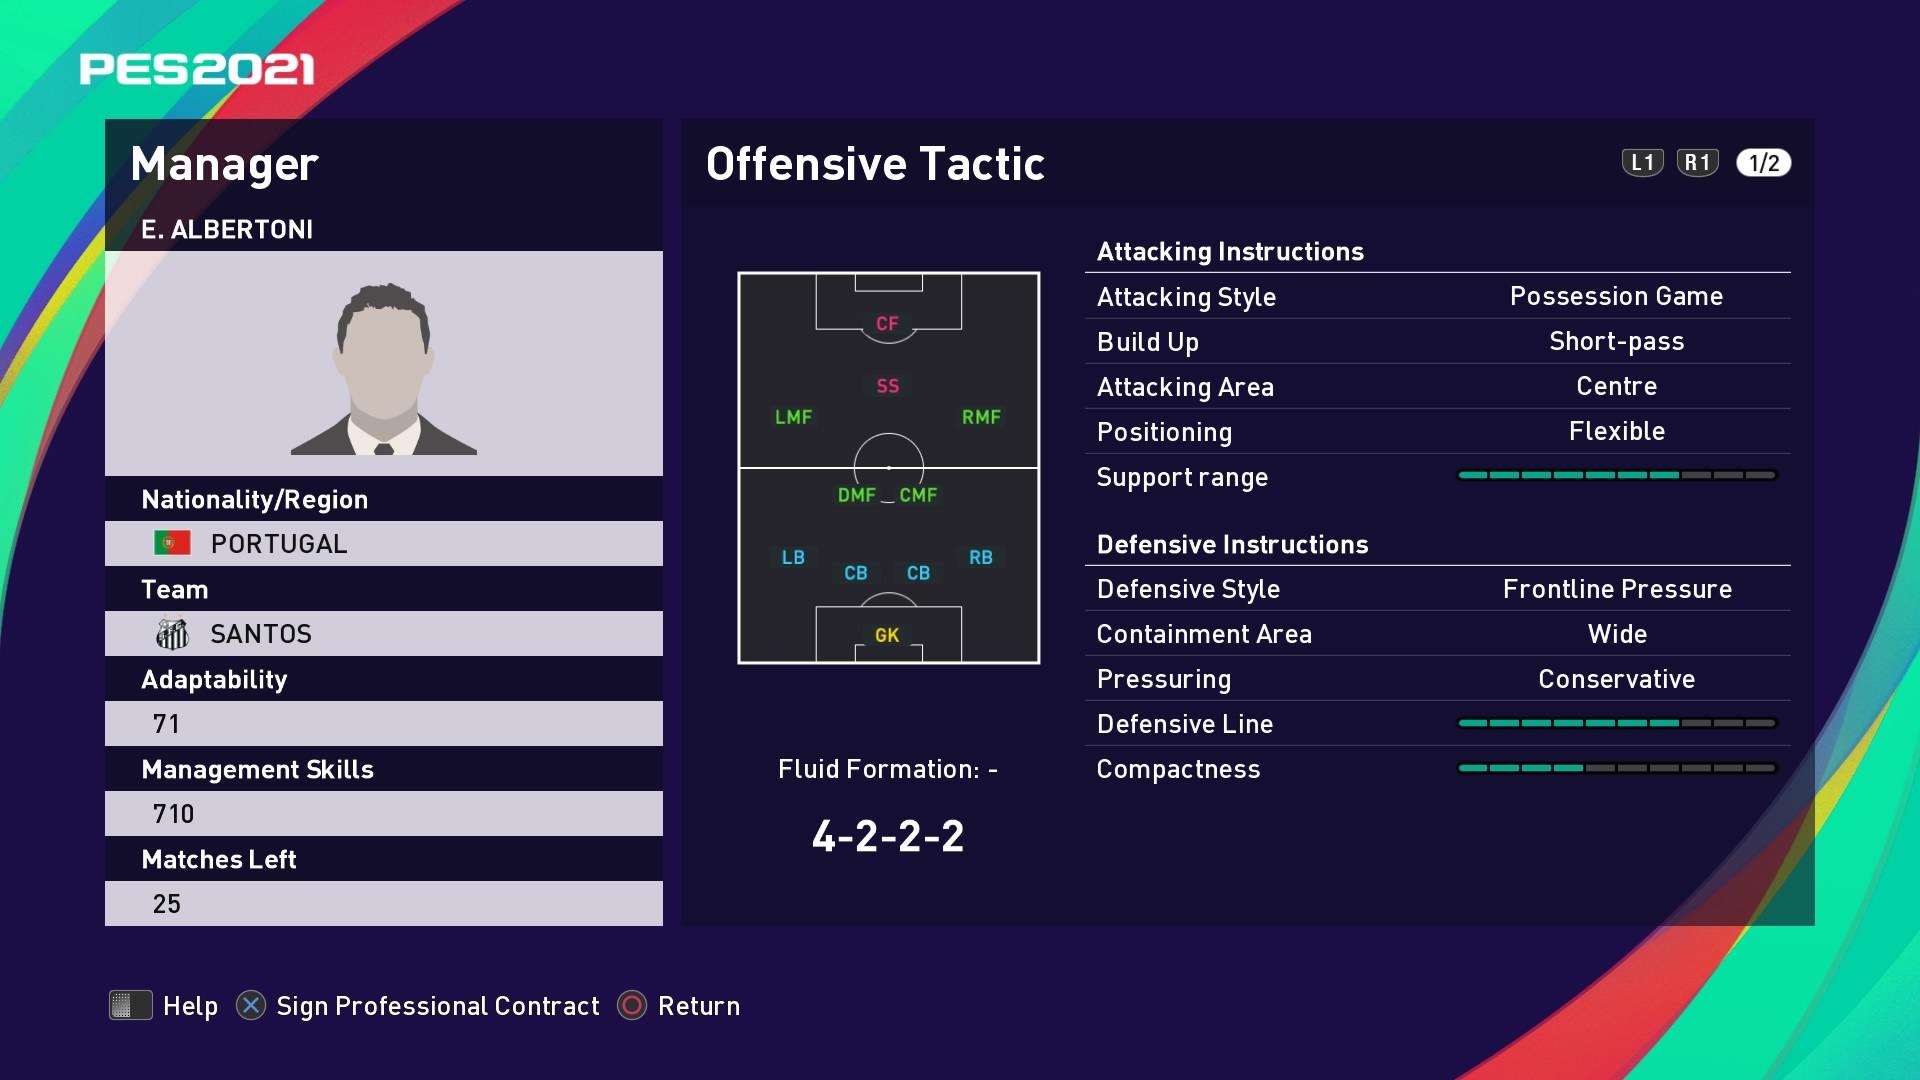 E. Albertoni (Jesualdo Ferreira) Offensive Tactic in PES 2021 myClub